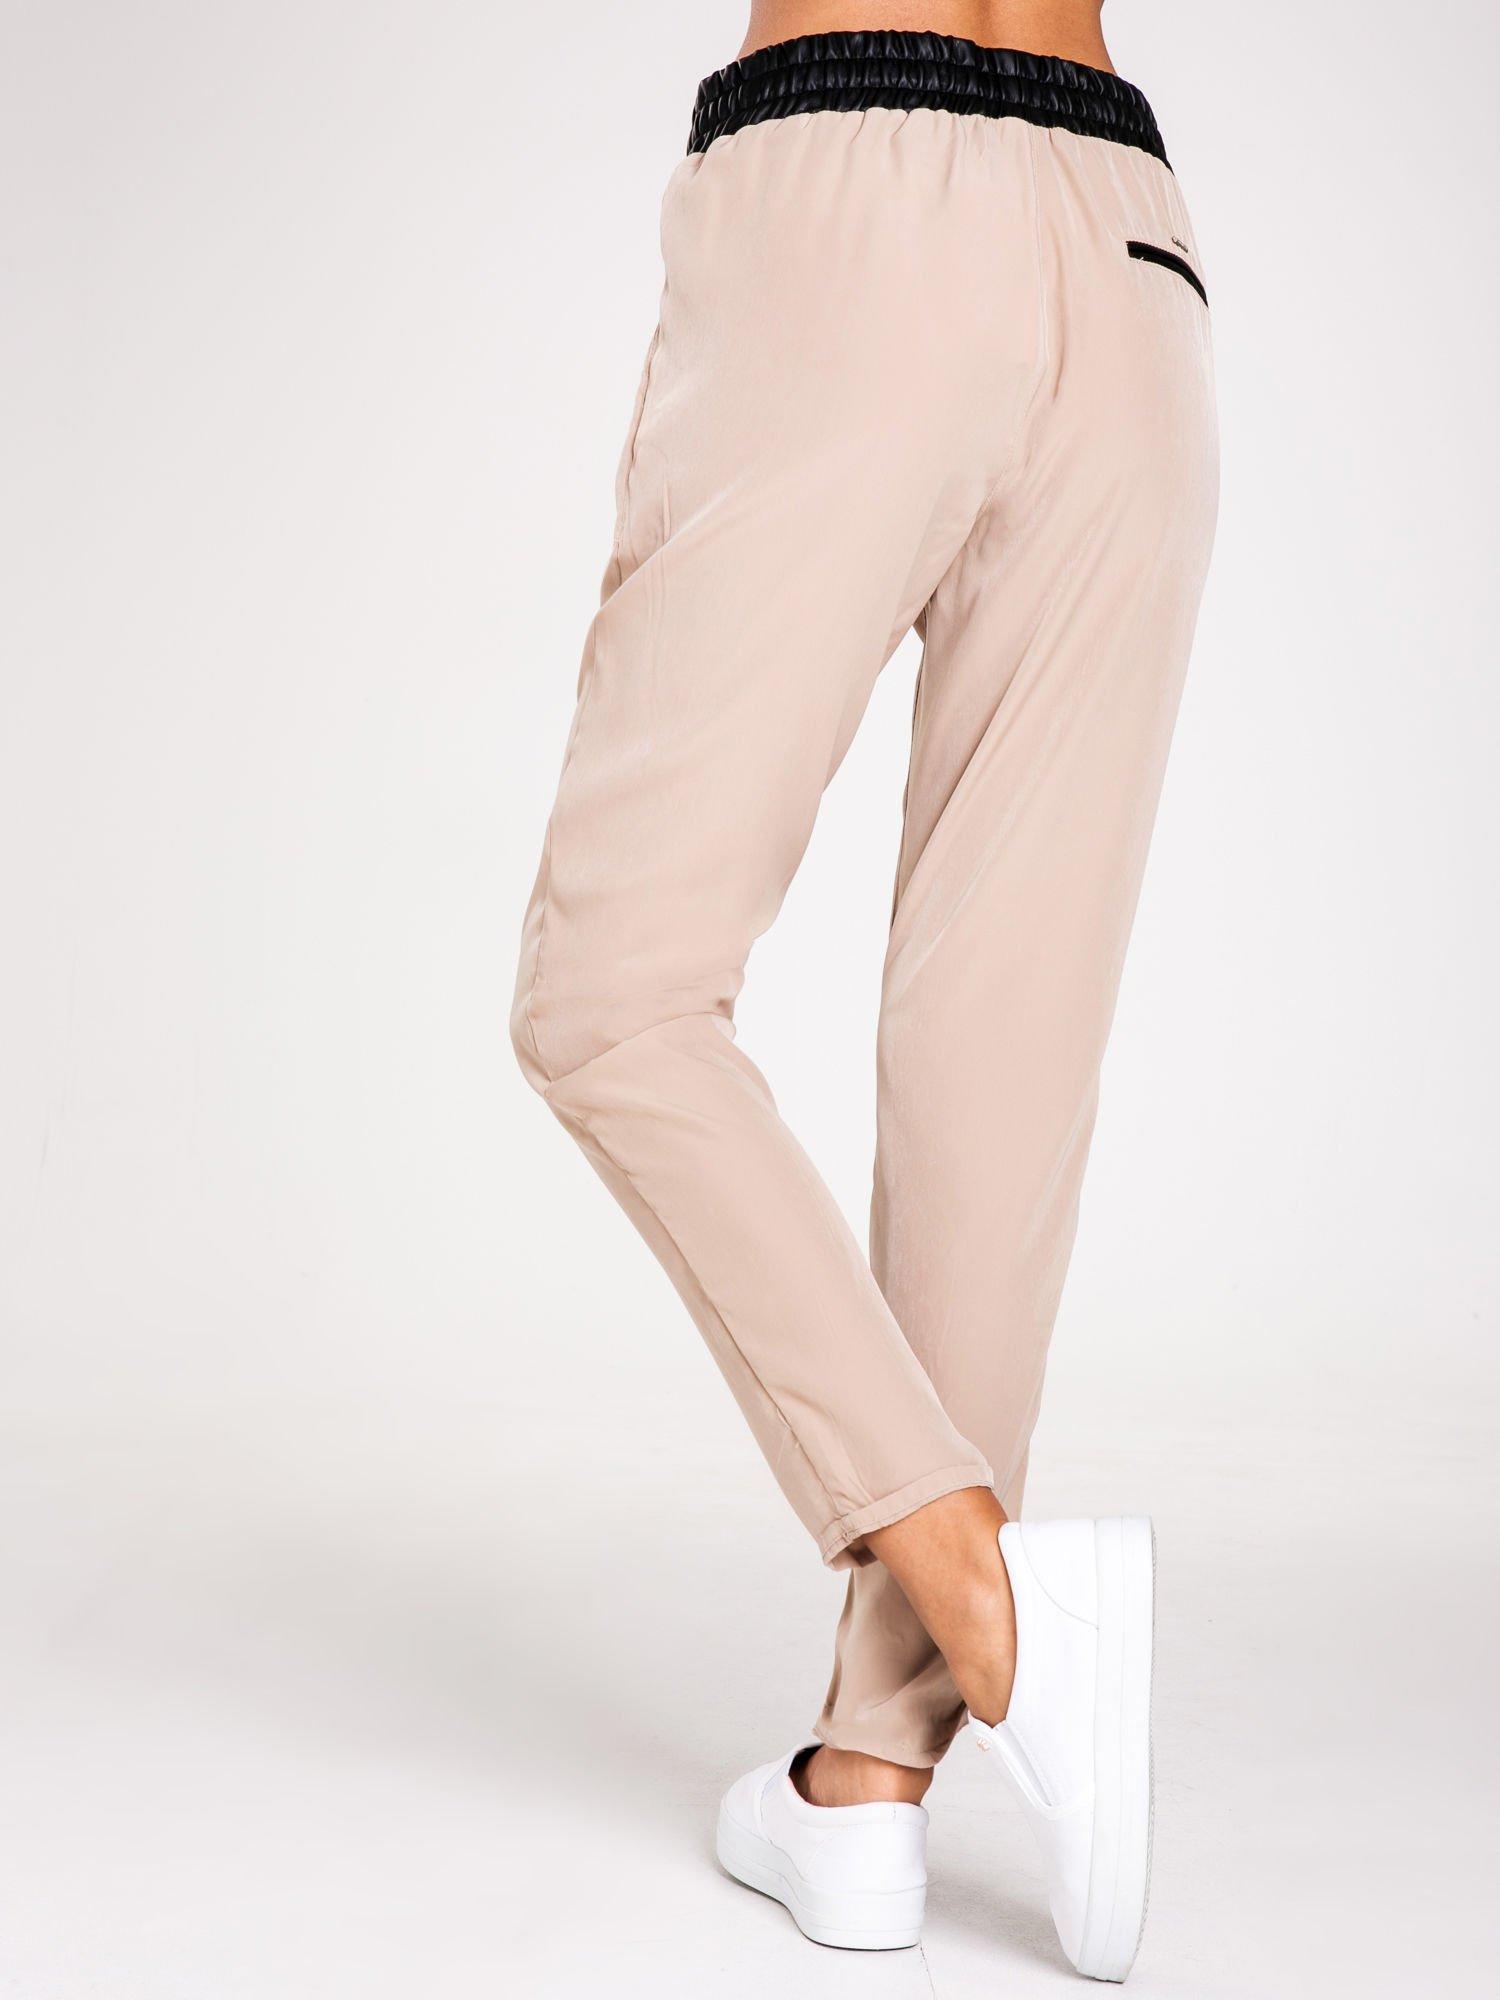 STRADIVARIUS Beżowe spodnie ze skórzanym pasem i zamkami                                  zdj.                                  2